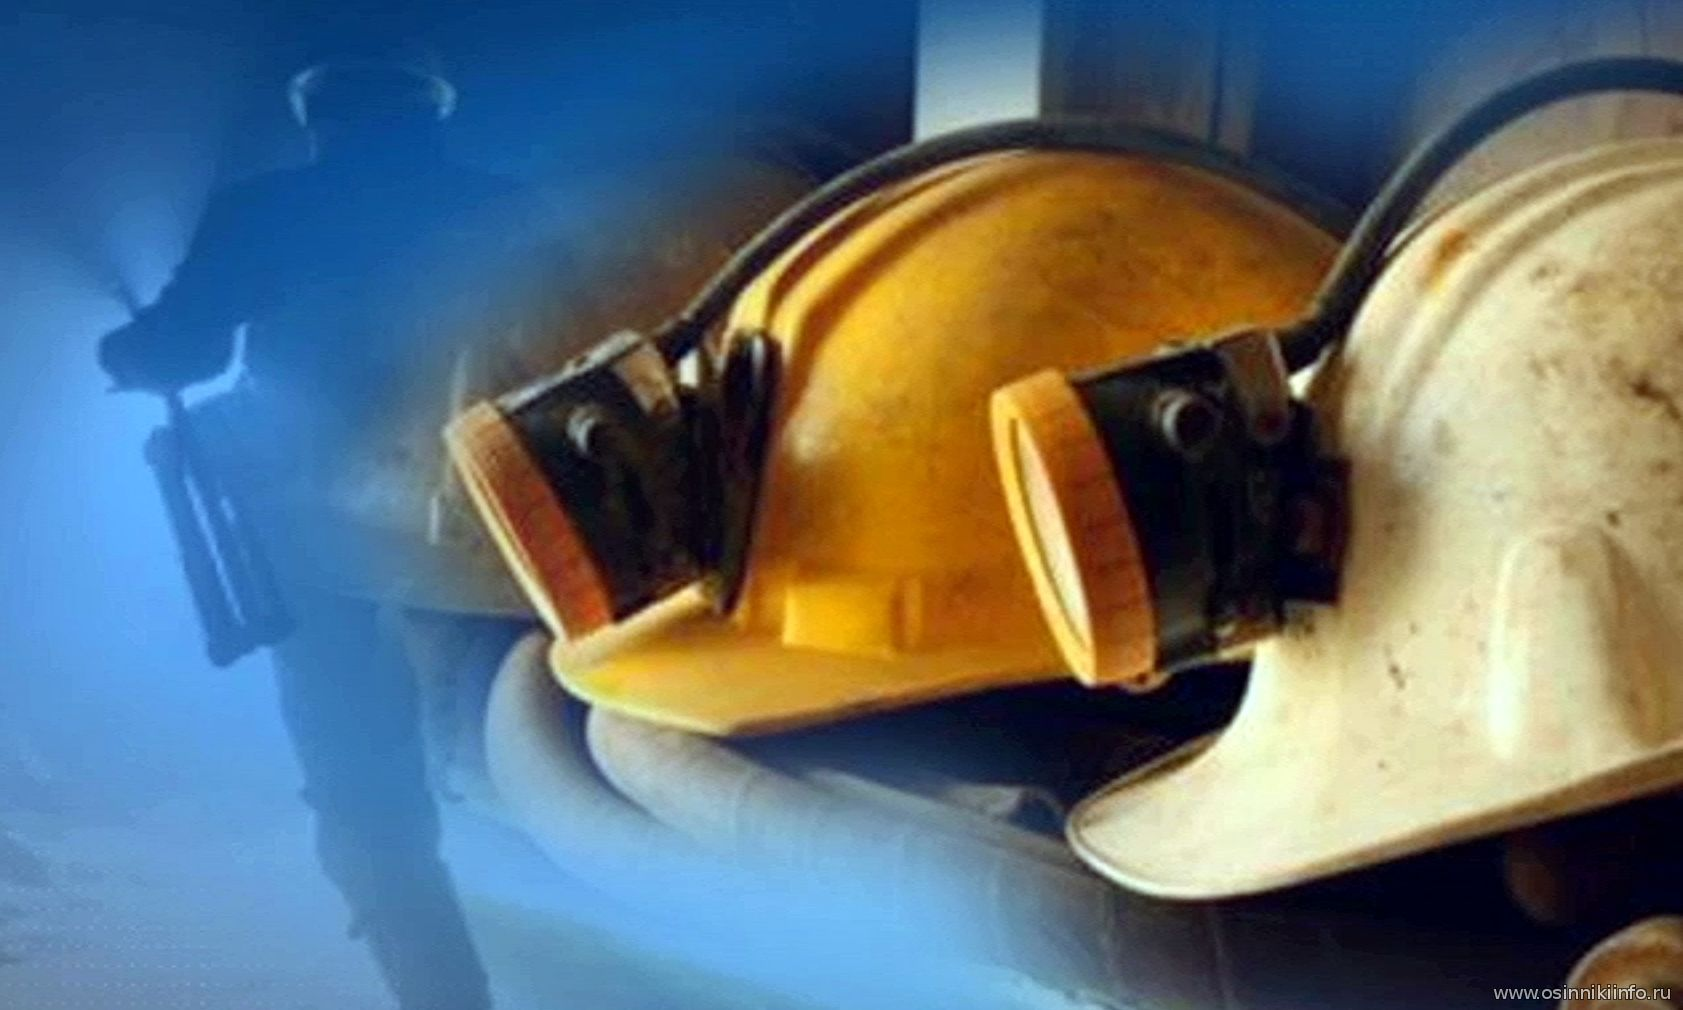 Натерритории шахты ВГОКа отыскали труп рабочего Сегодня в17:37